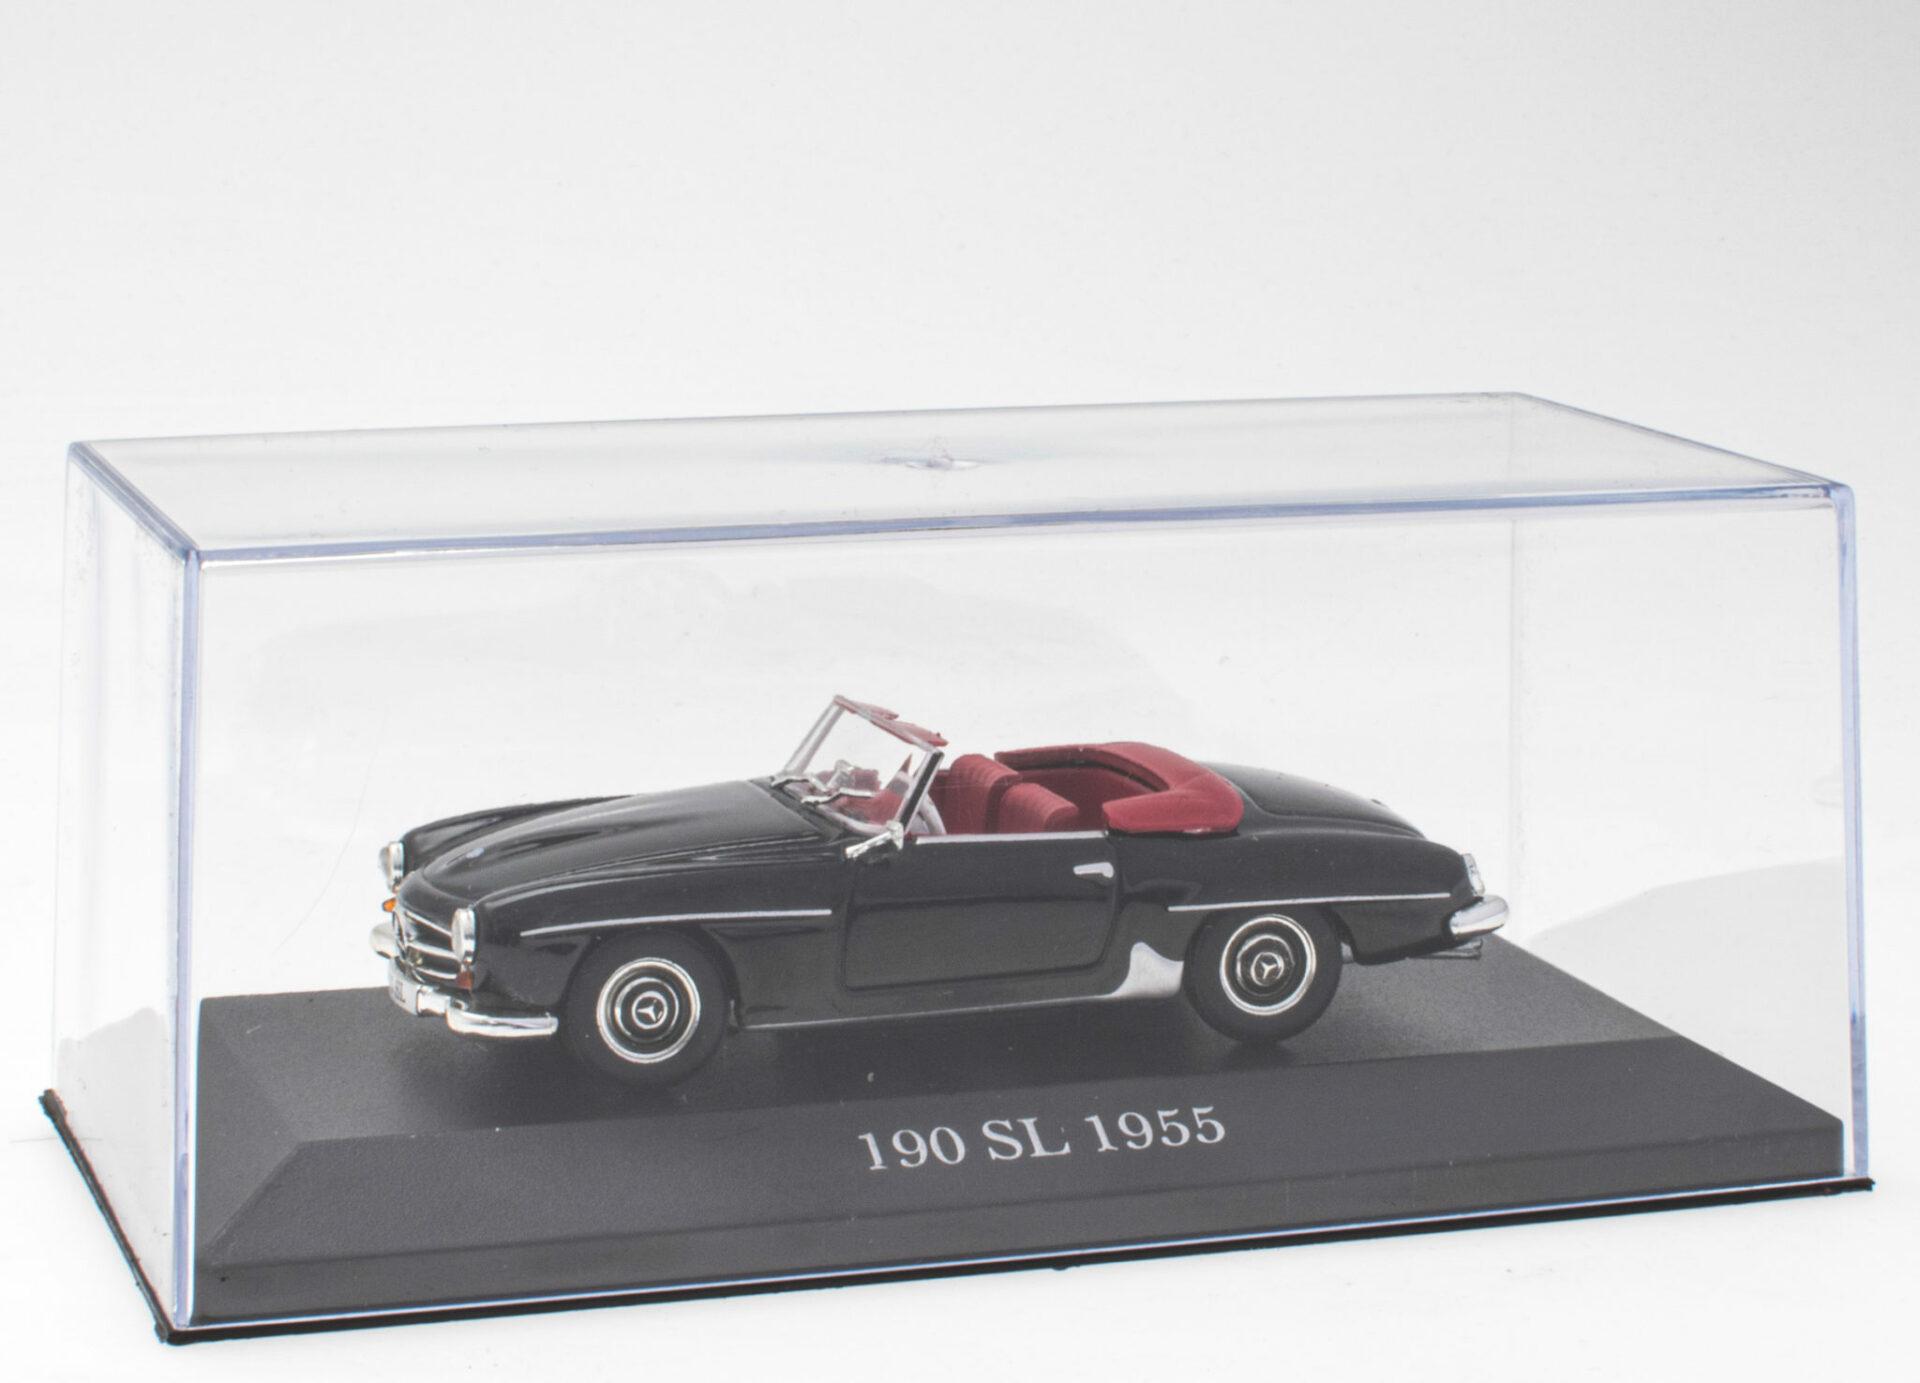 Mercedes-Benz 190 SL -1955, 1/43